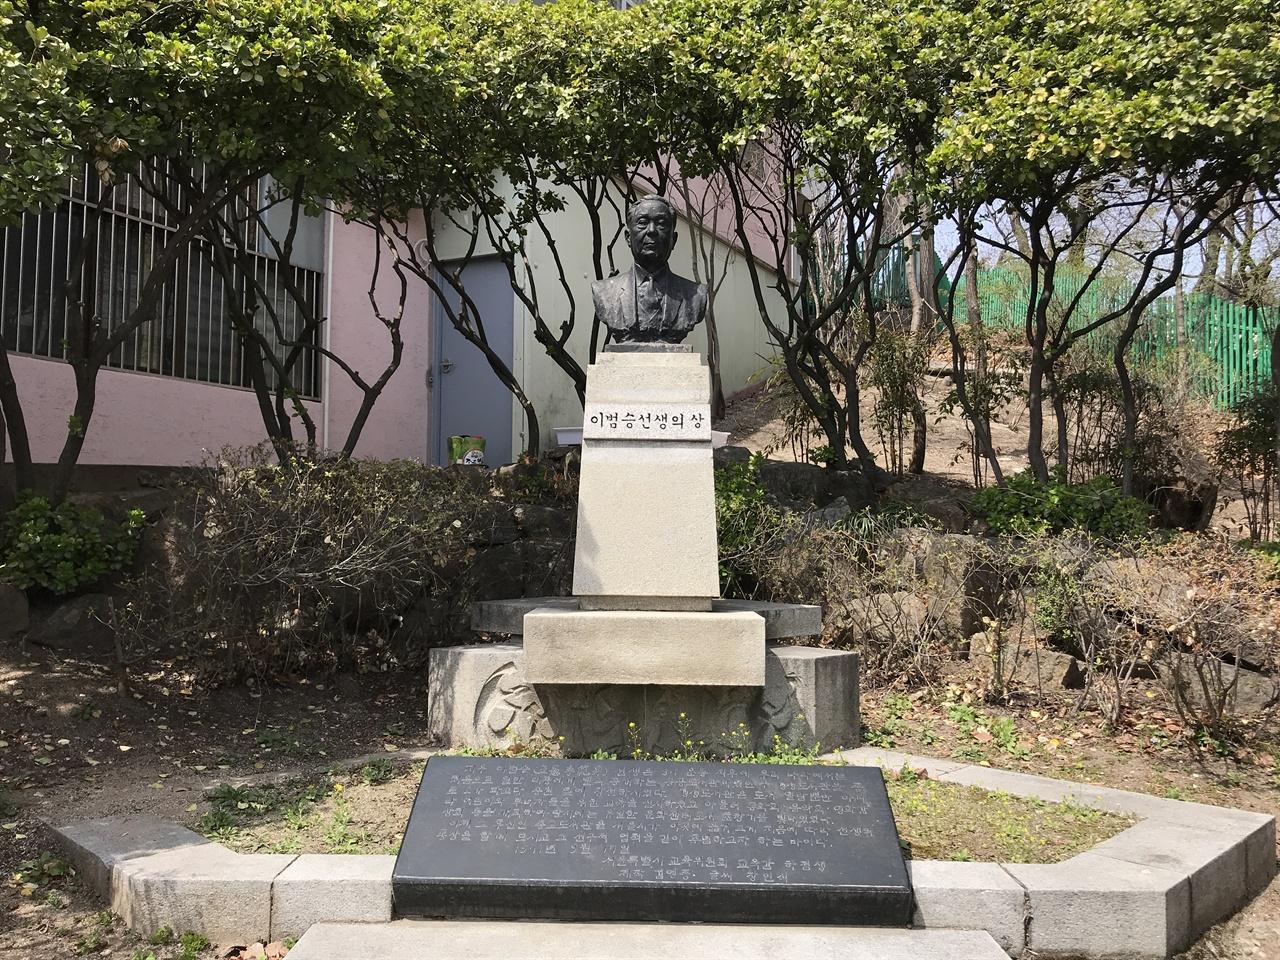 종로도서관 앞뜰에 있는 이범승 동상 이범승 동상은 1971년 당시 서울시 교육감 하점생이 세우고 동상 아래 이범승 업적에 대한 글은 종로도서관 9대 관장 이홍구가 썼다. 도서관인 동상 중 우리나라에서 처음 세워진 동상이다. 이범승 동상 아래 그의 업적을 새긴 비문에는 그의 친일 행적에 대한 언급이 단 한 줄도 담겨 있지 않다. 반 세기 가까이 그의 동상은 '친일파'가 아닌 '도서관 선구자'로 종로도서관 입구를 지켰다.